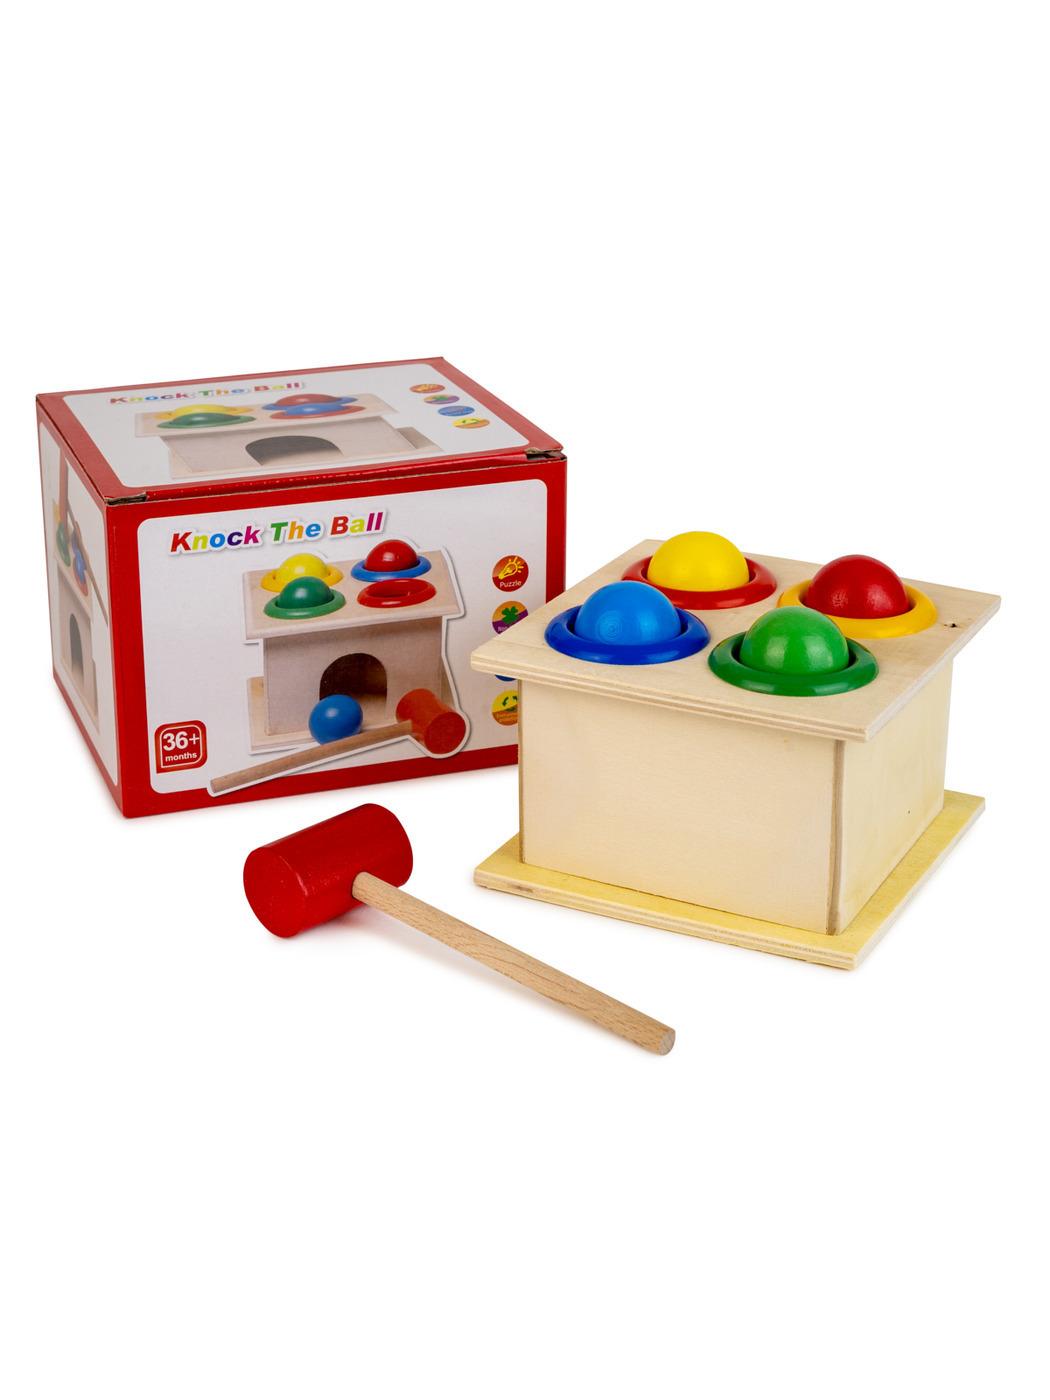 Обучающая, развивающая игра стучалка-шарики, деревянная Asmar.